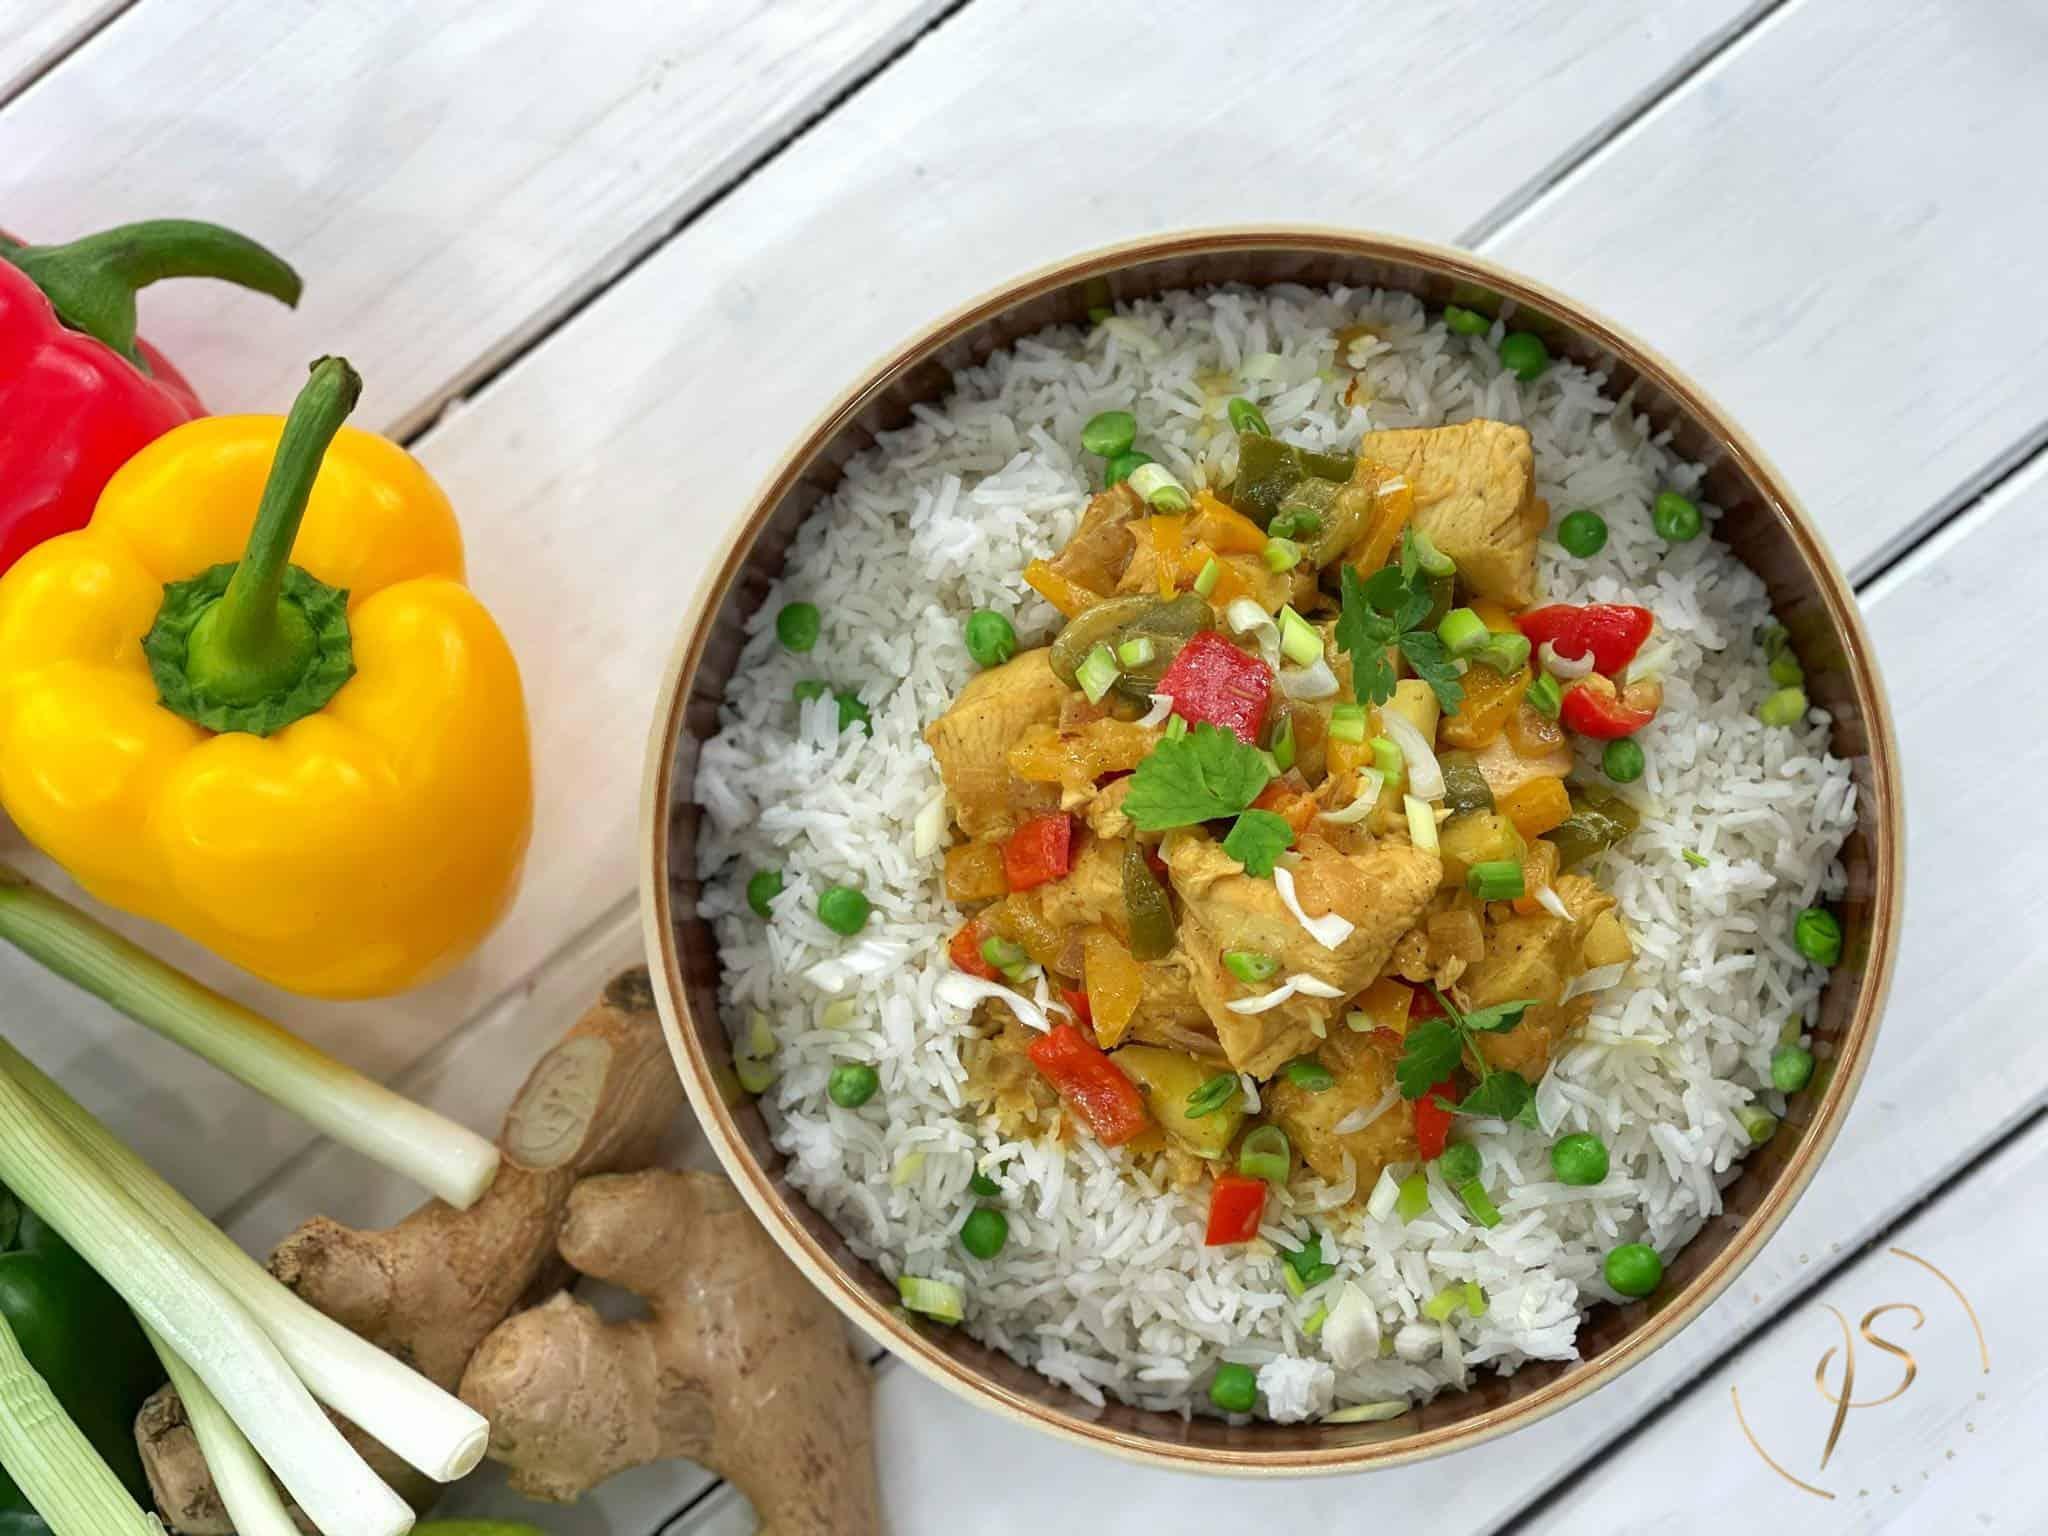 κοτόπουλο με καρυ και ρύζι μπασμάτι